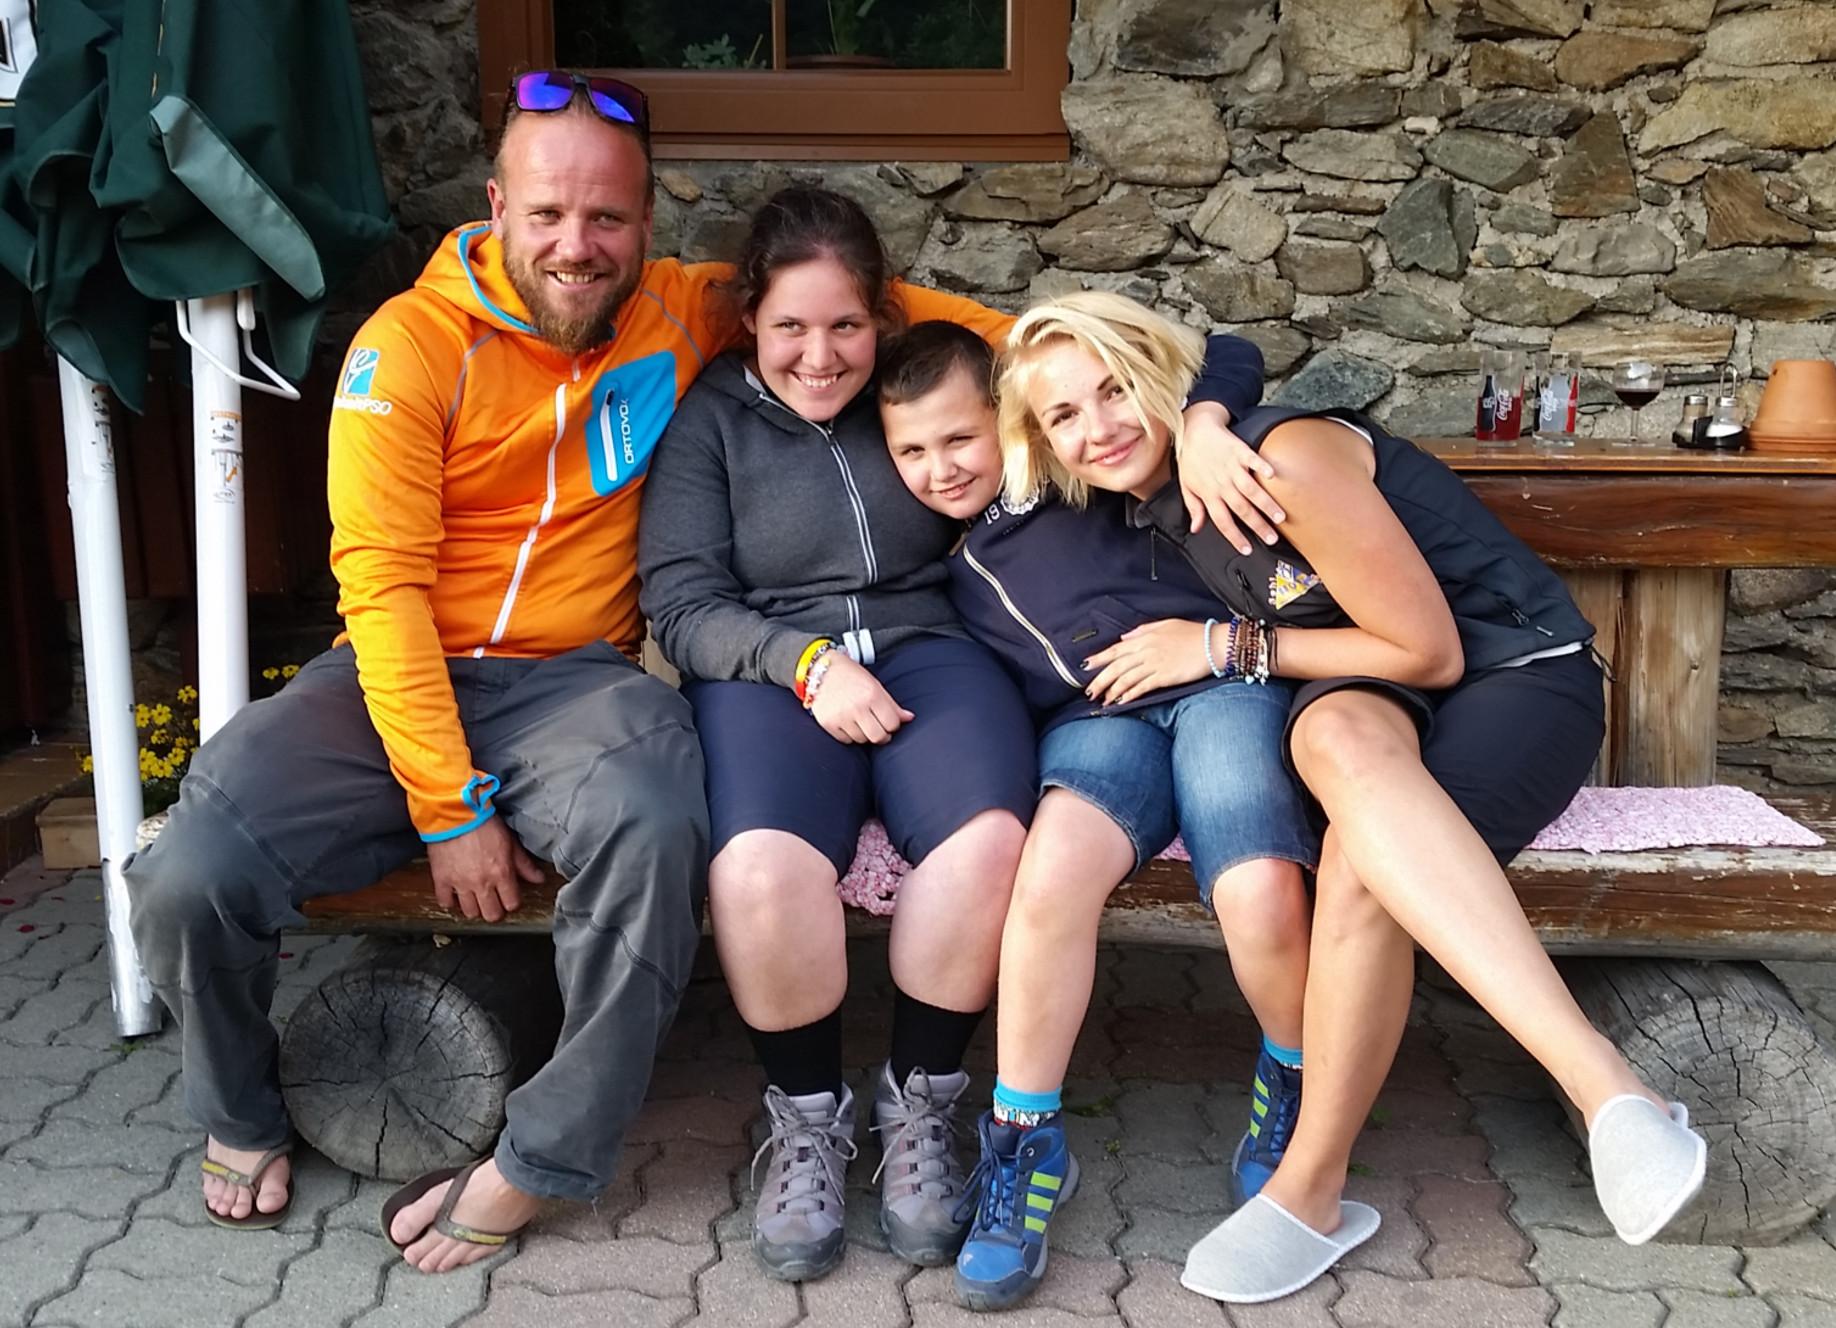 barrierefreie Wanderung beim Familien-Abenteuer-Urlaub